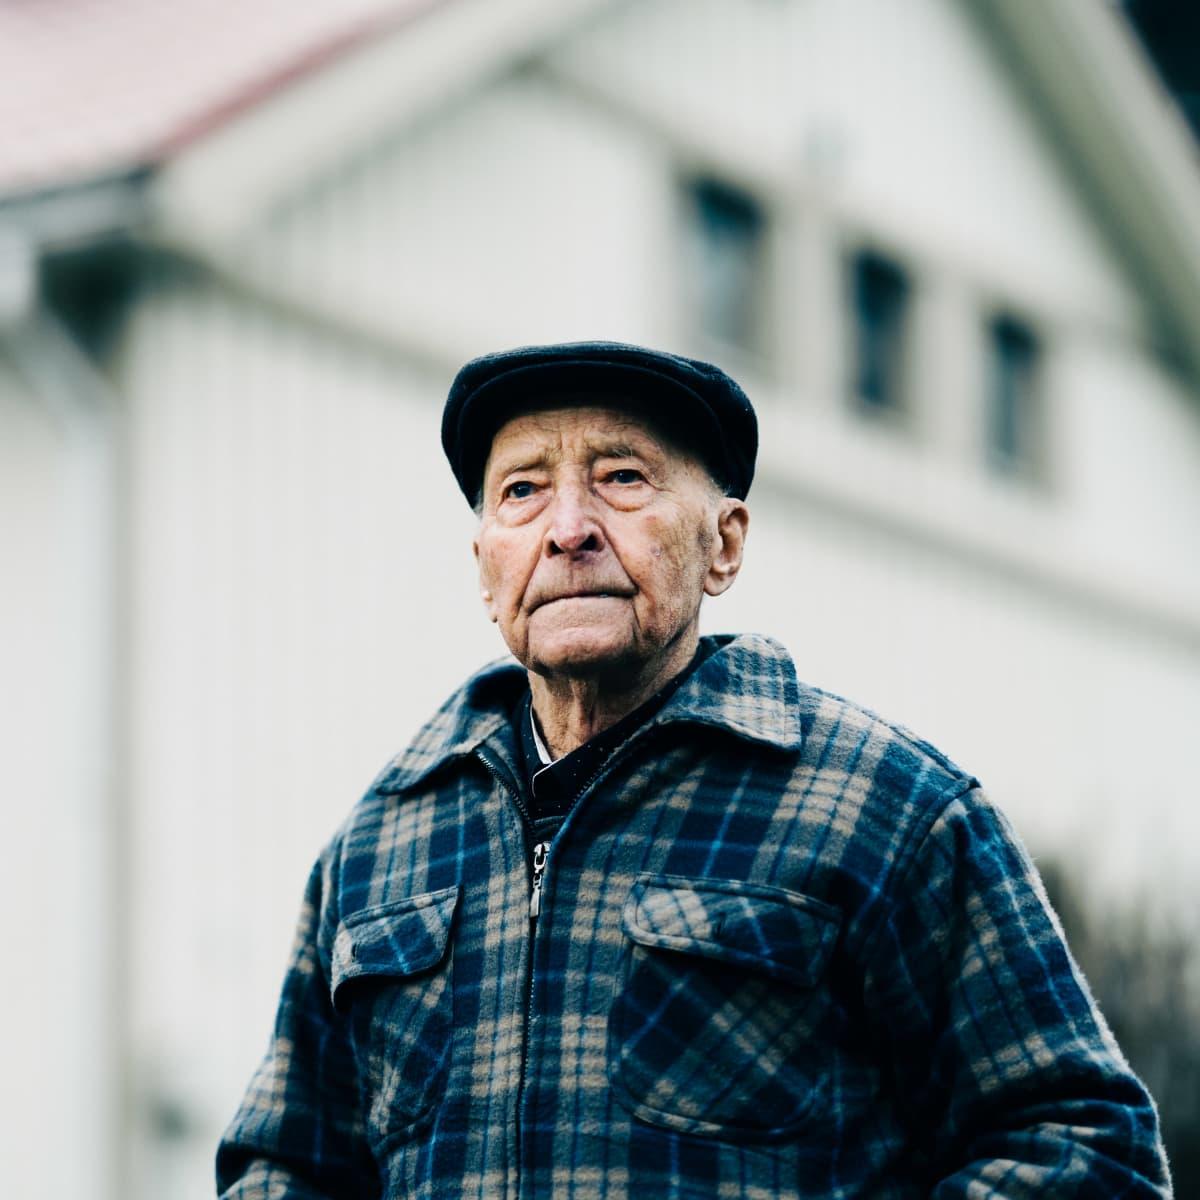 Veikko Hakakoski, Riihimäki, 24.11.2020